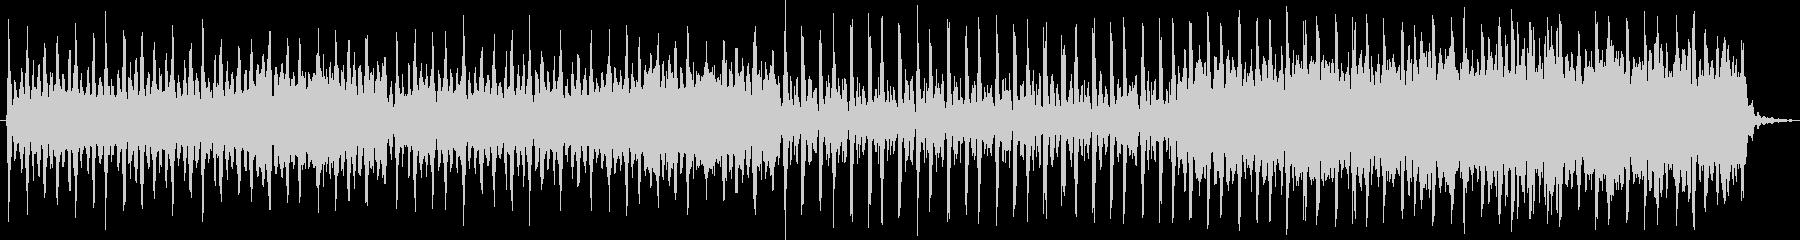 スタッカート弦、フルート、木琴を使...の未再生の波形